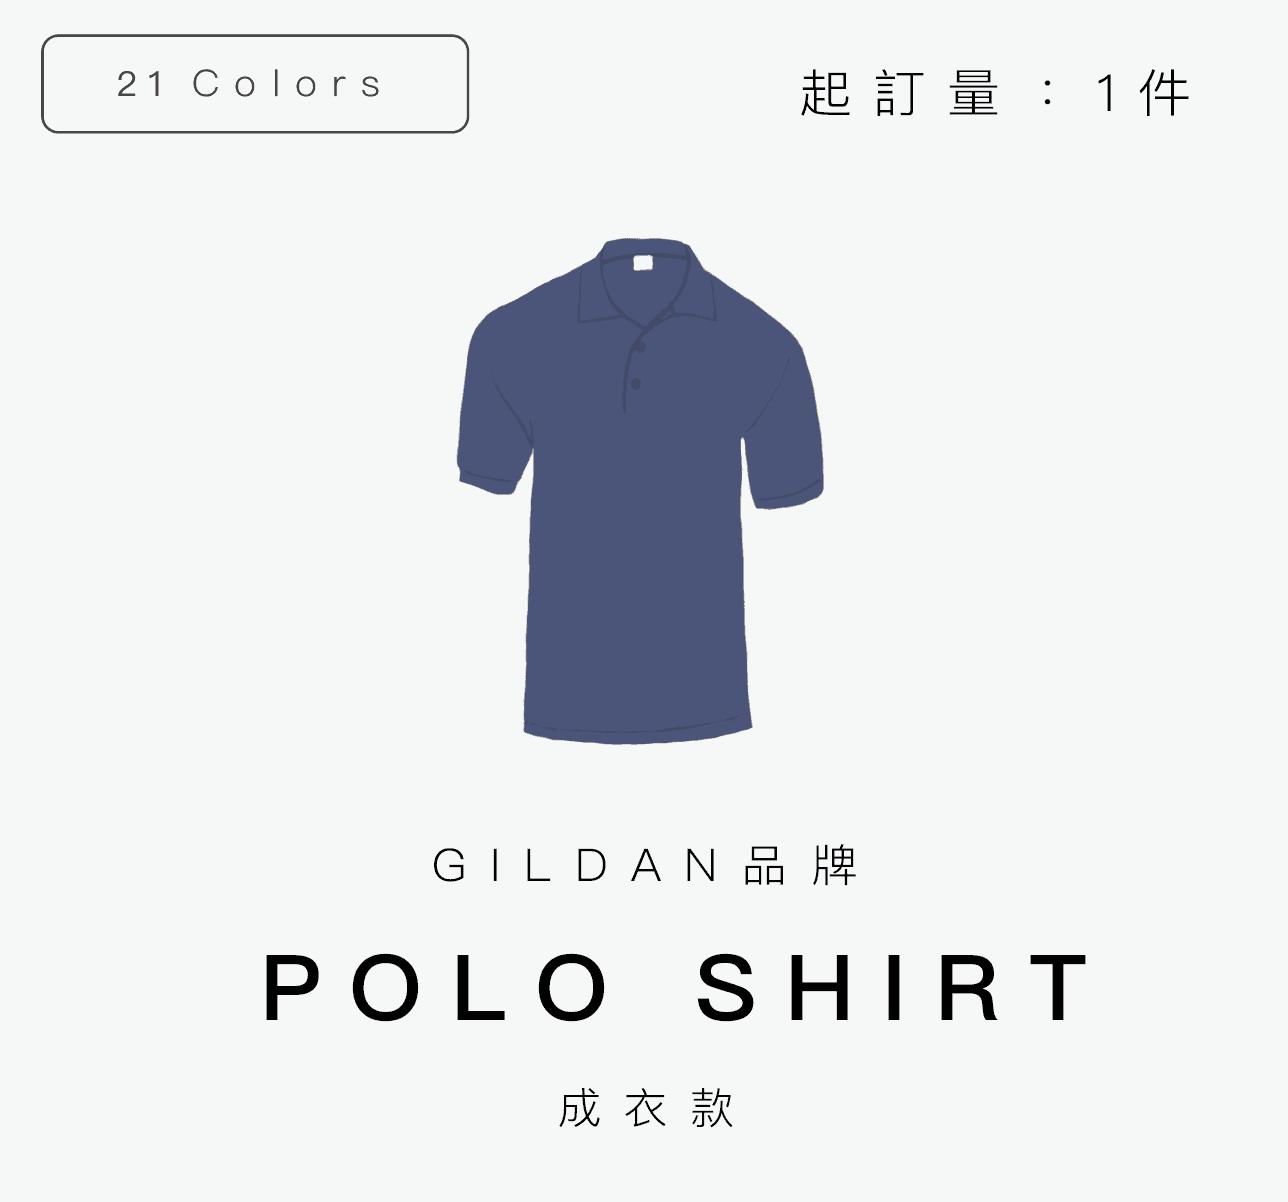 Gildan 短袖 Polo Shirt